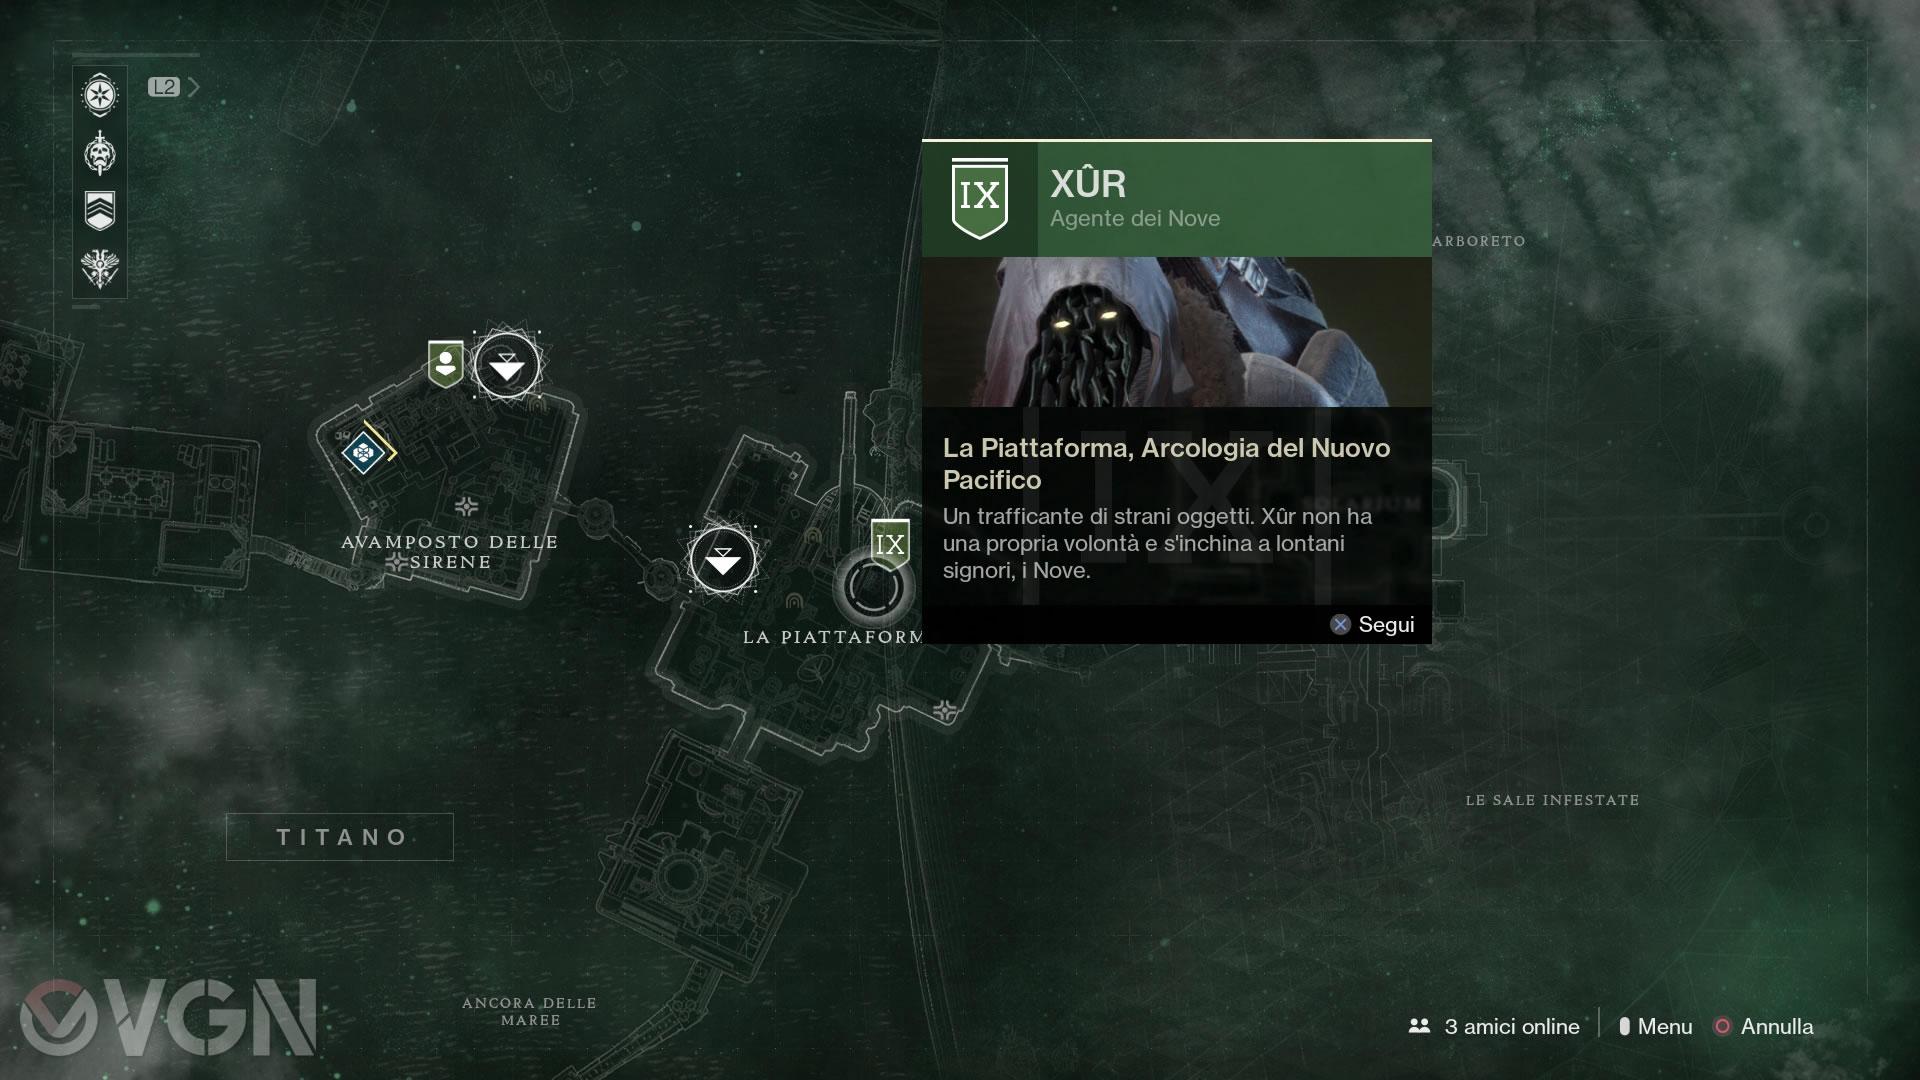 Destiny 2: Xur